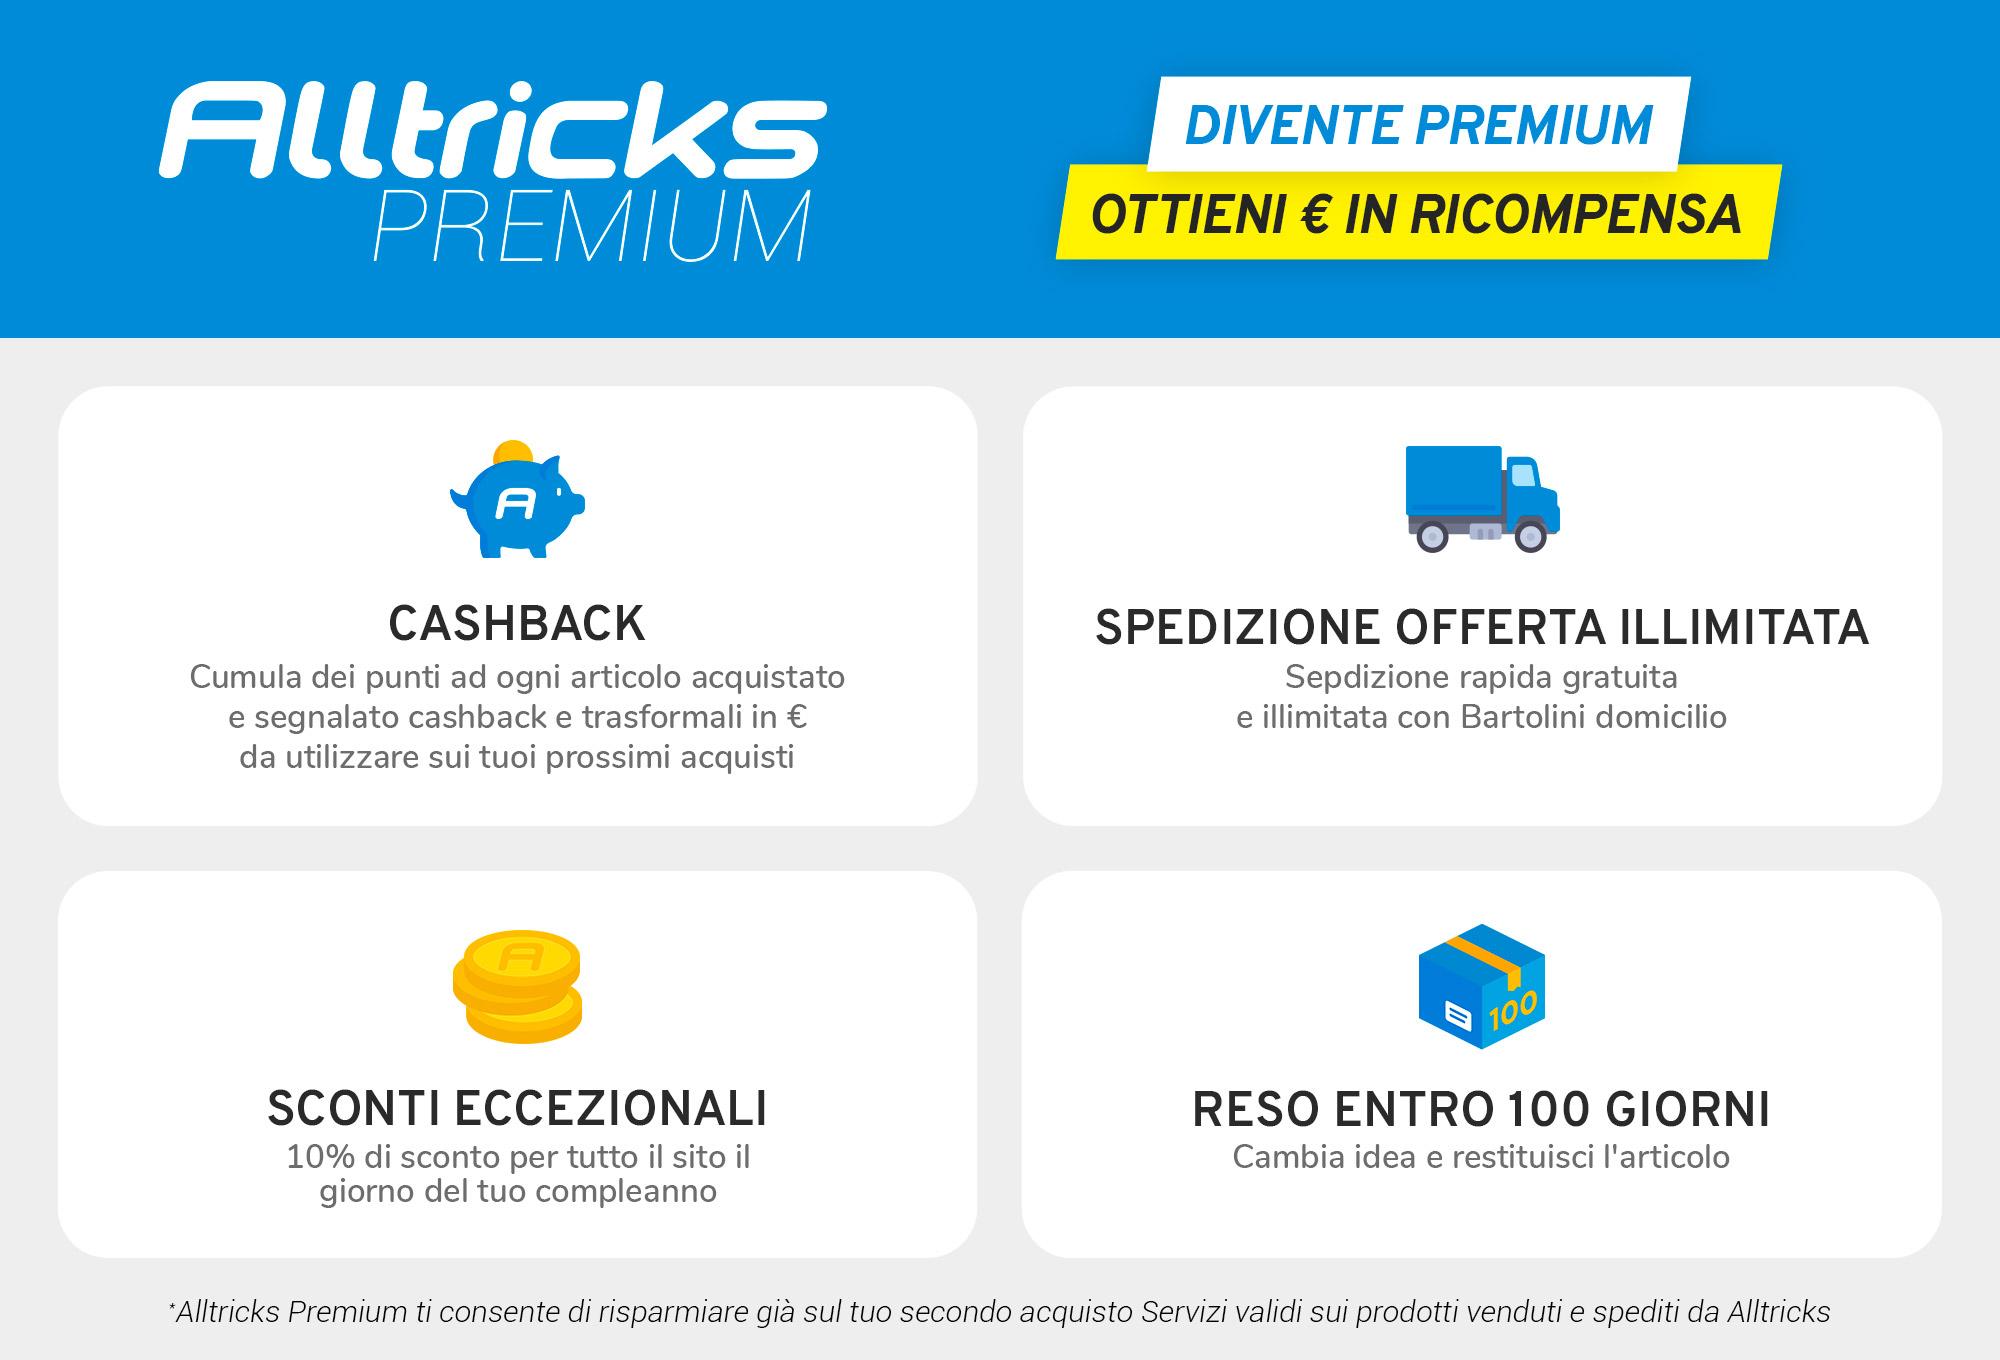 Offerta Alltricks Premium - Spedizione illimitata + Sconto Anniversario + Cagnotta Cashback